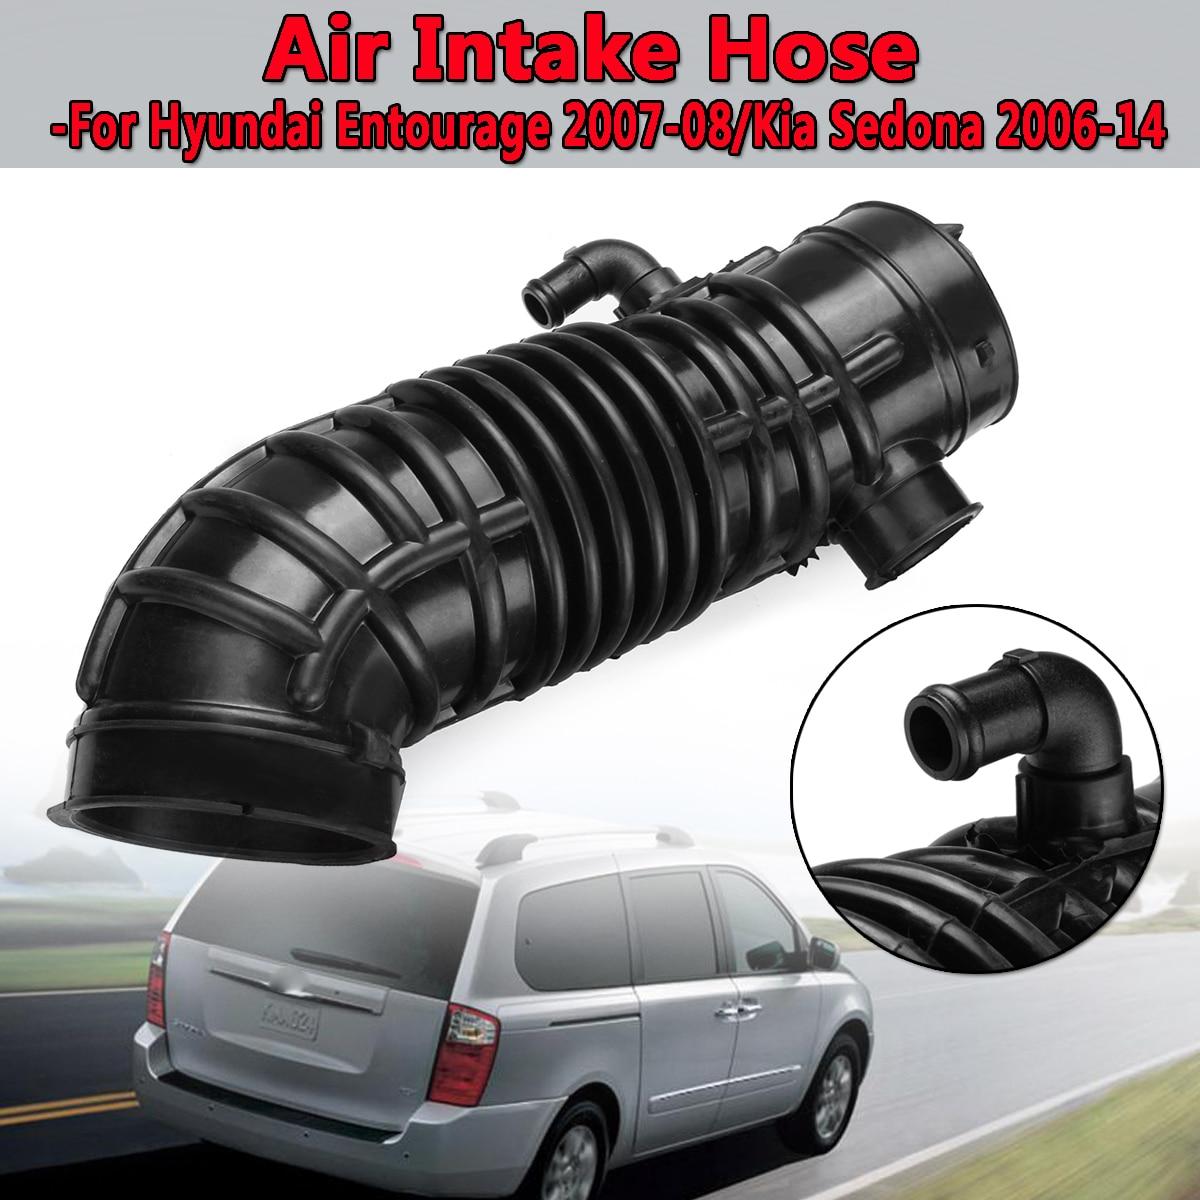 engine car air intake hose pipe for hyundai entourage 2007 2008 for kia sedona 2006 [ 1200 x 1200 Pixel ]